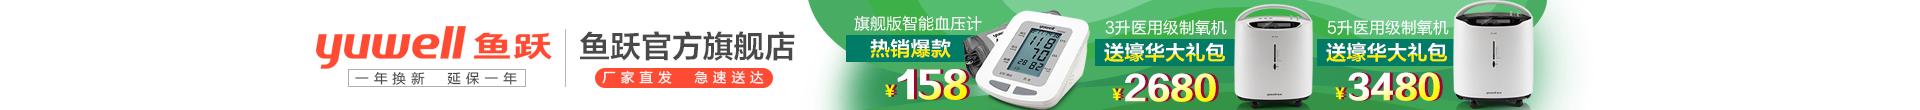 6629v.com